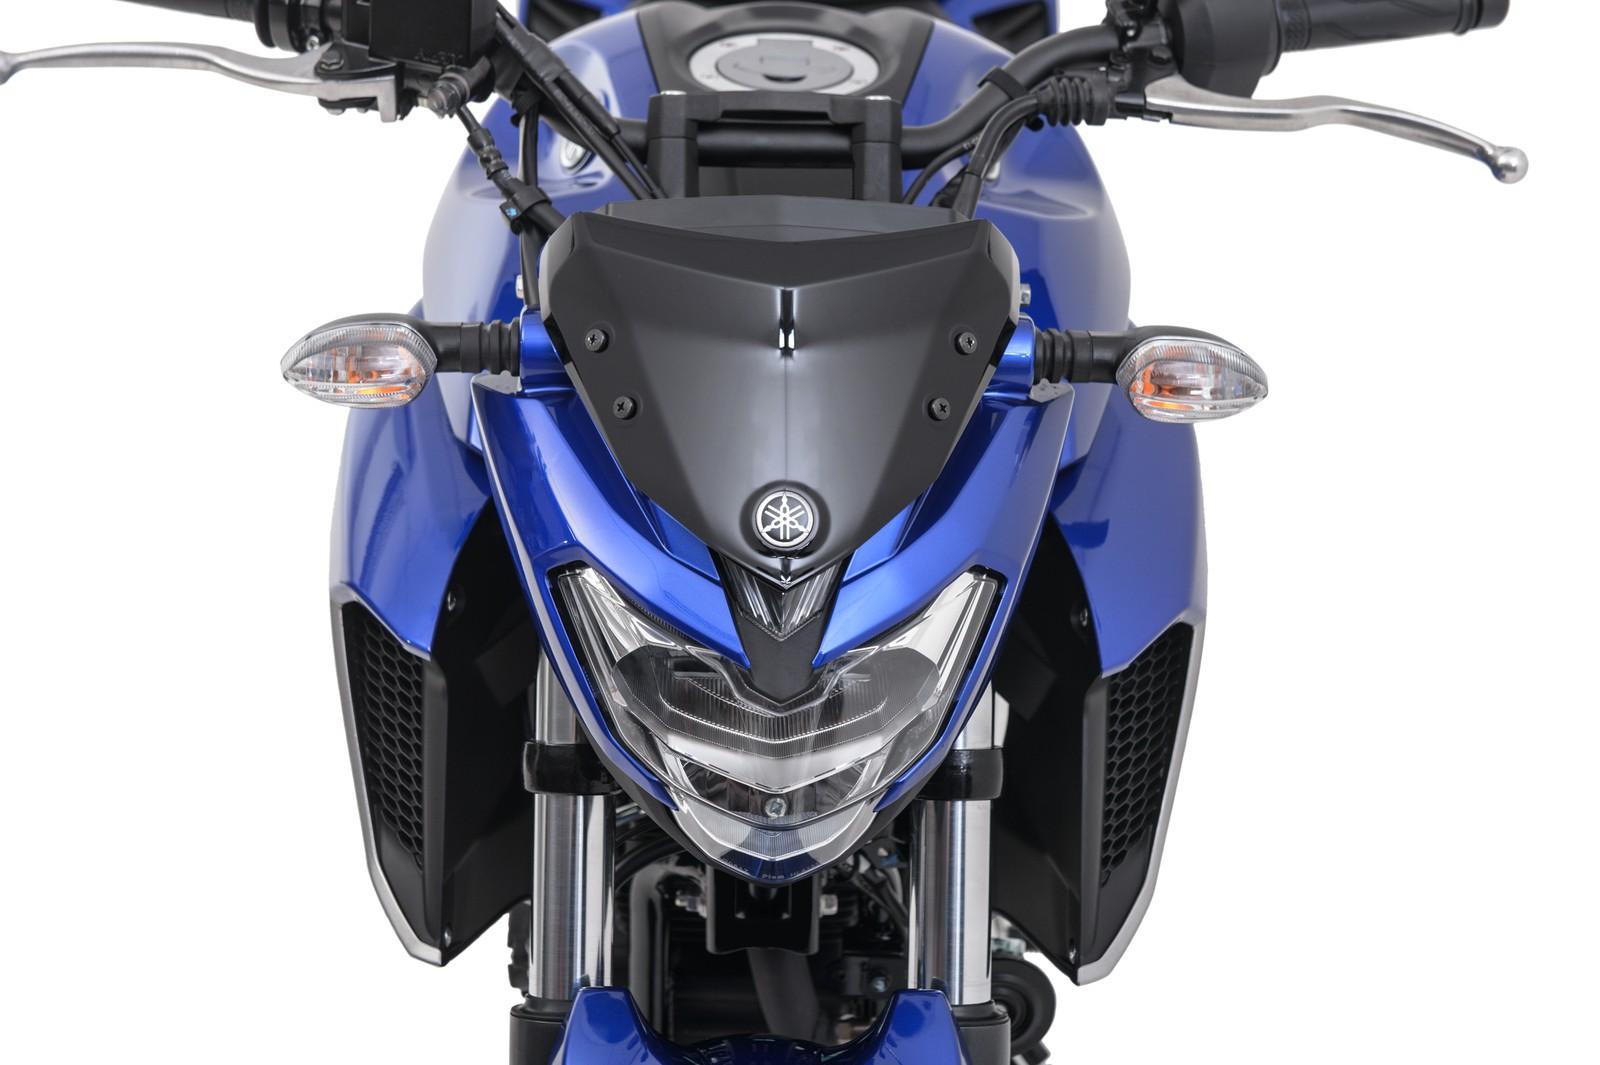 Sal o duas rodas yamaha fazer 250 muda por completo for Yamaha fazer 250